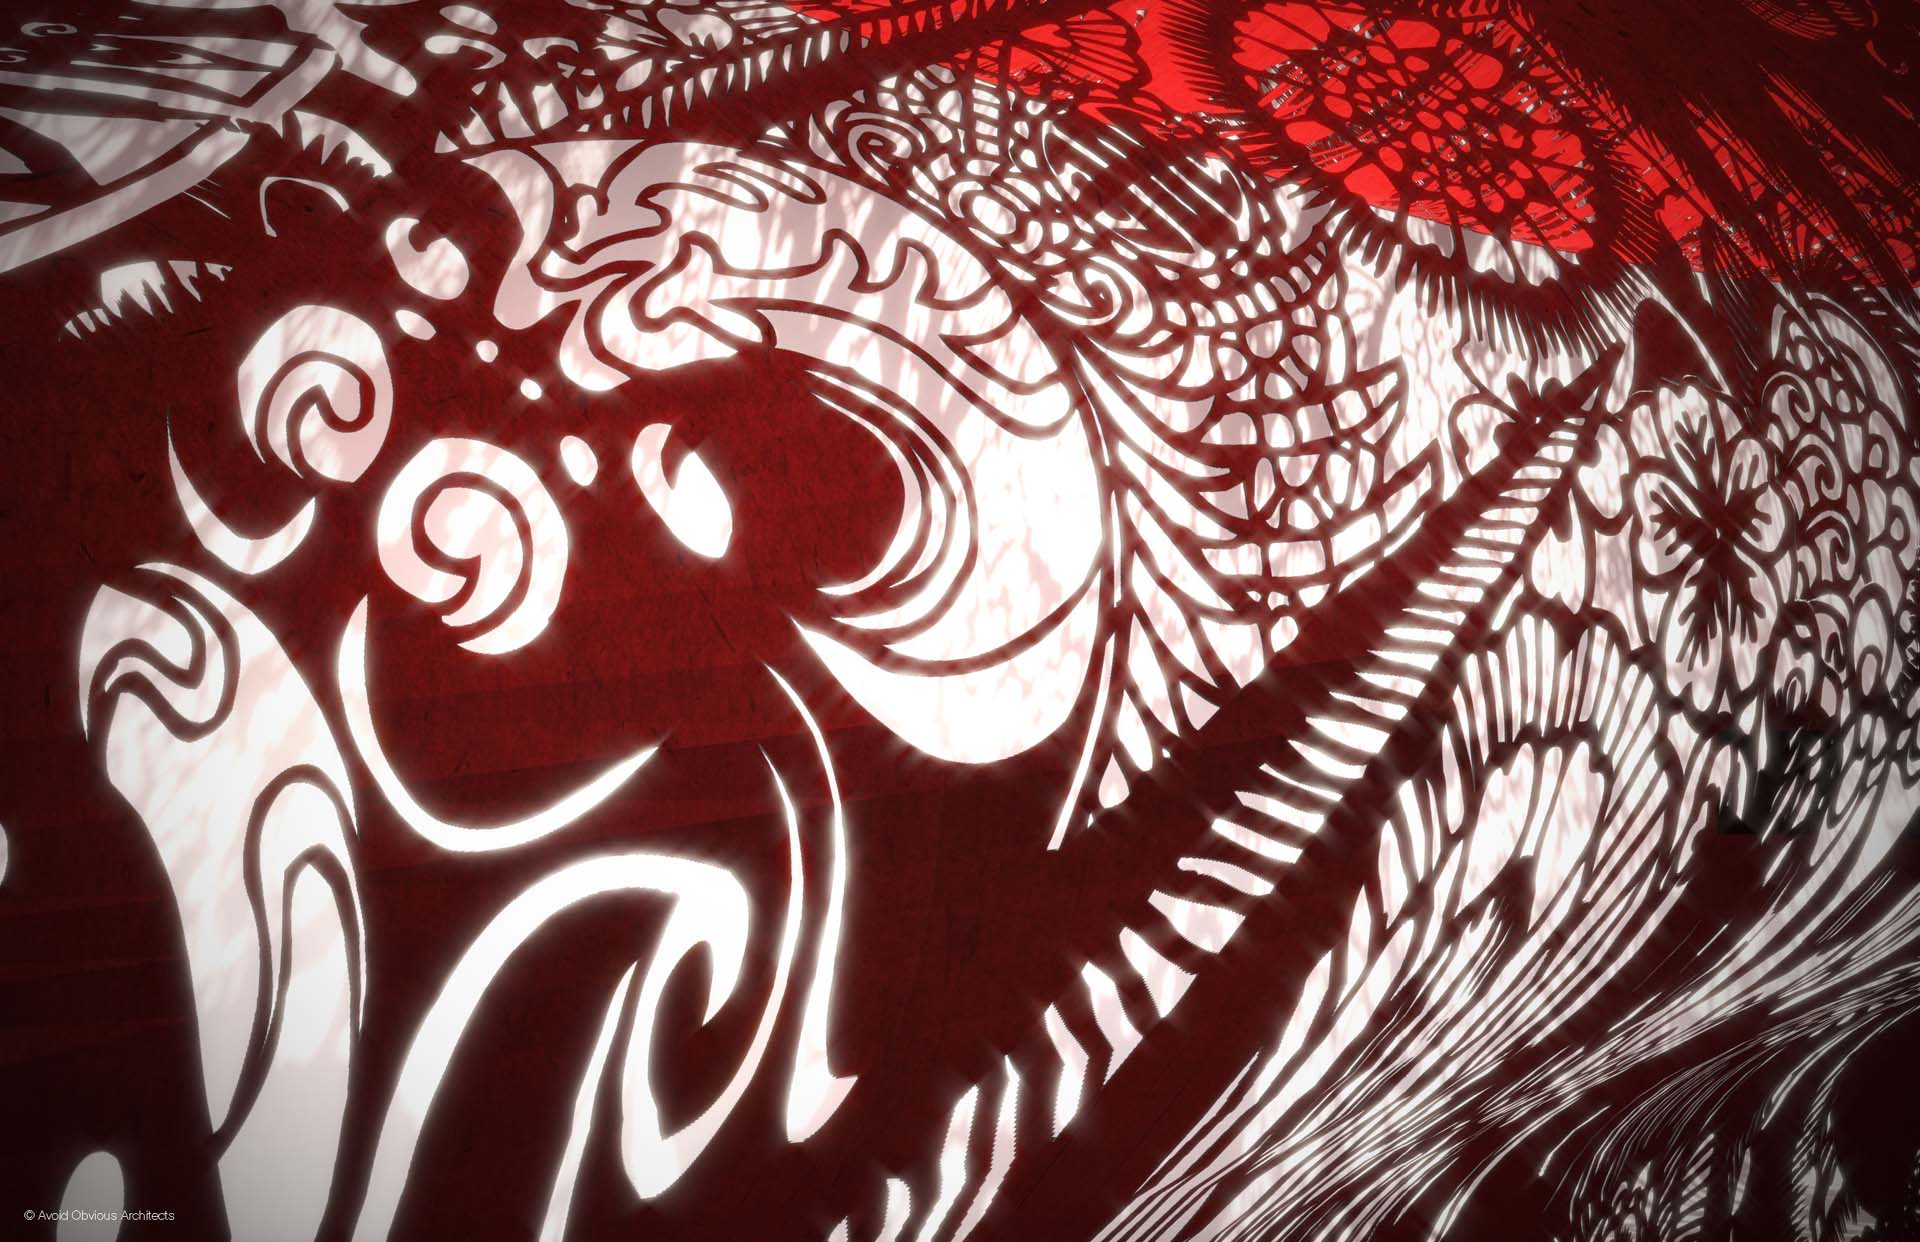 Chinese art, chinese mask, paper cutting, wall art, corridor art, chinese art installaton, opera masks, chinese masks, paper cutting, traditional chinese art